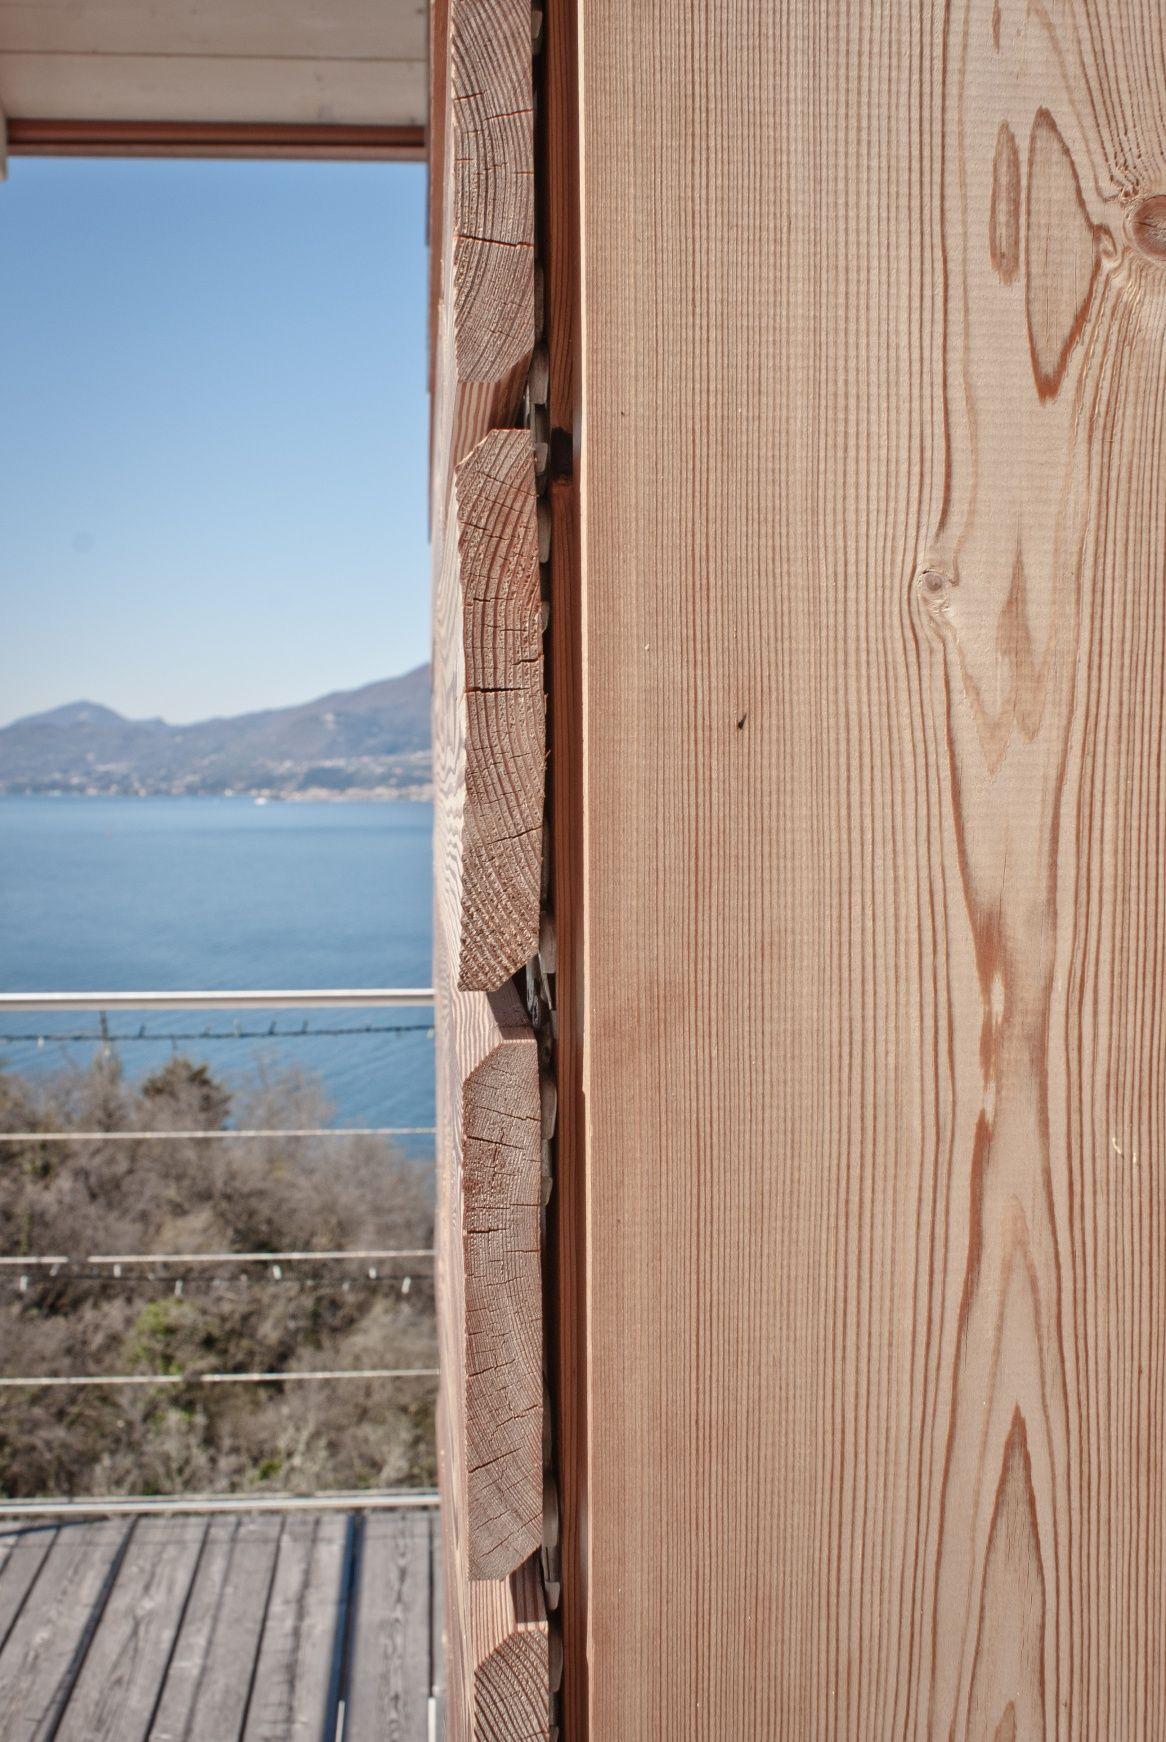 Casa prefabbricata in legno - rivestimento in larice - Torri del Benaco (VR) ...